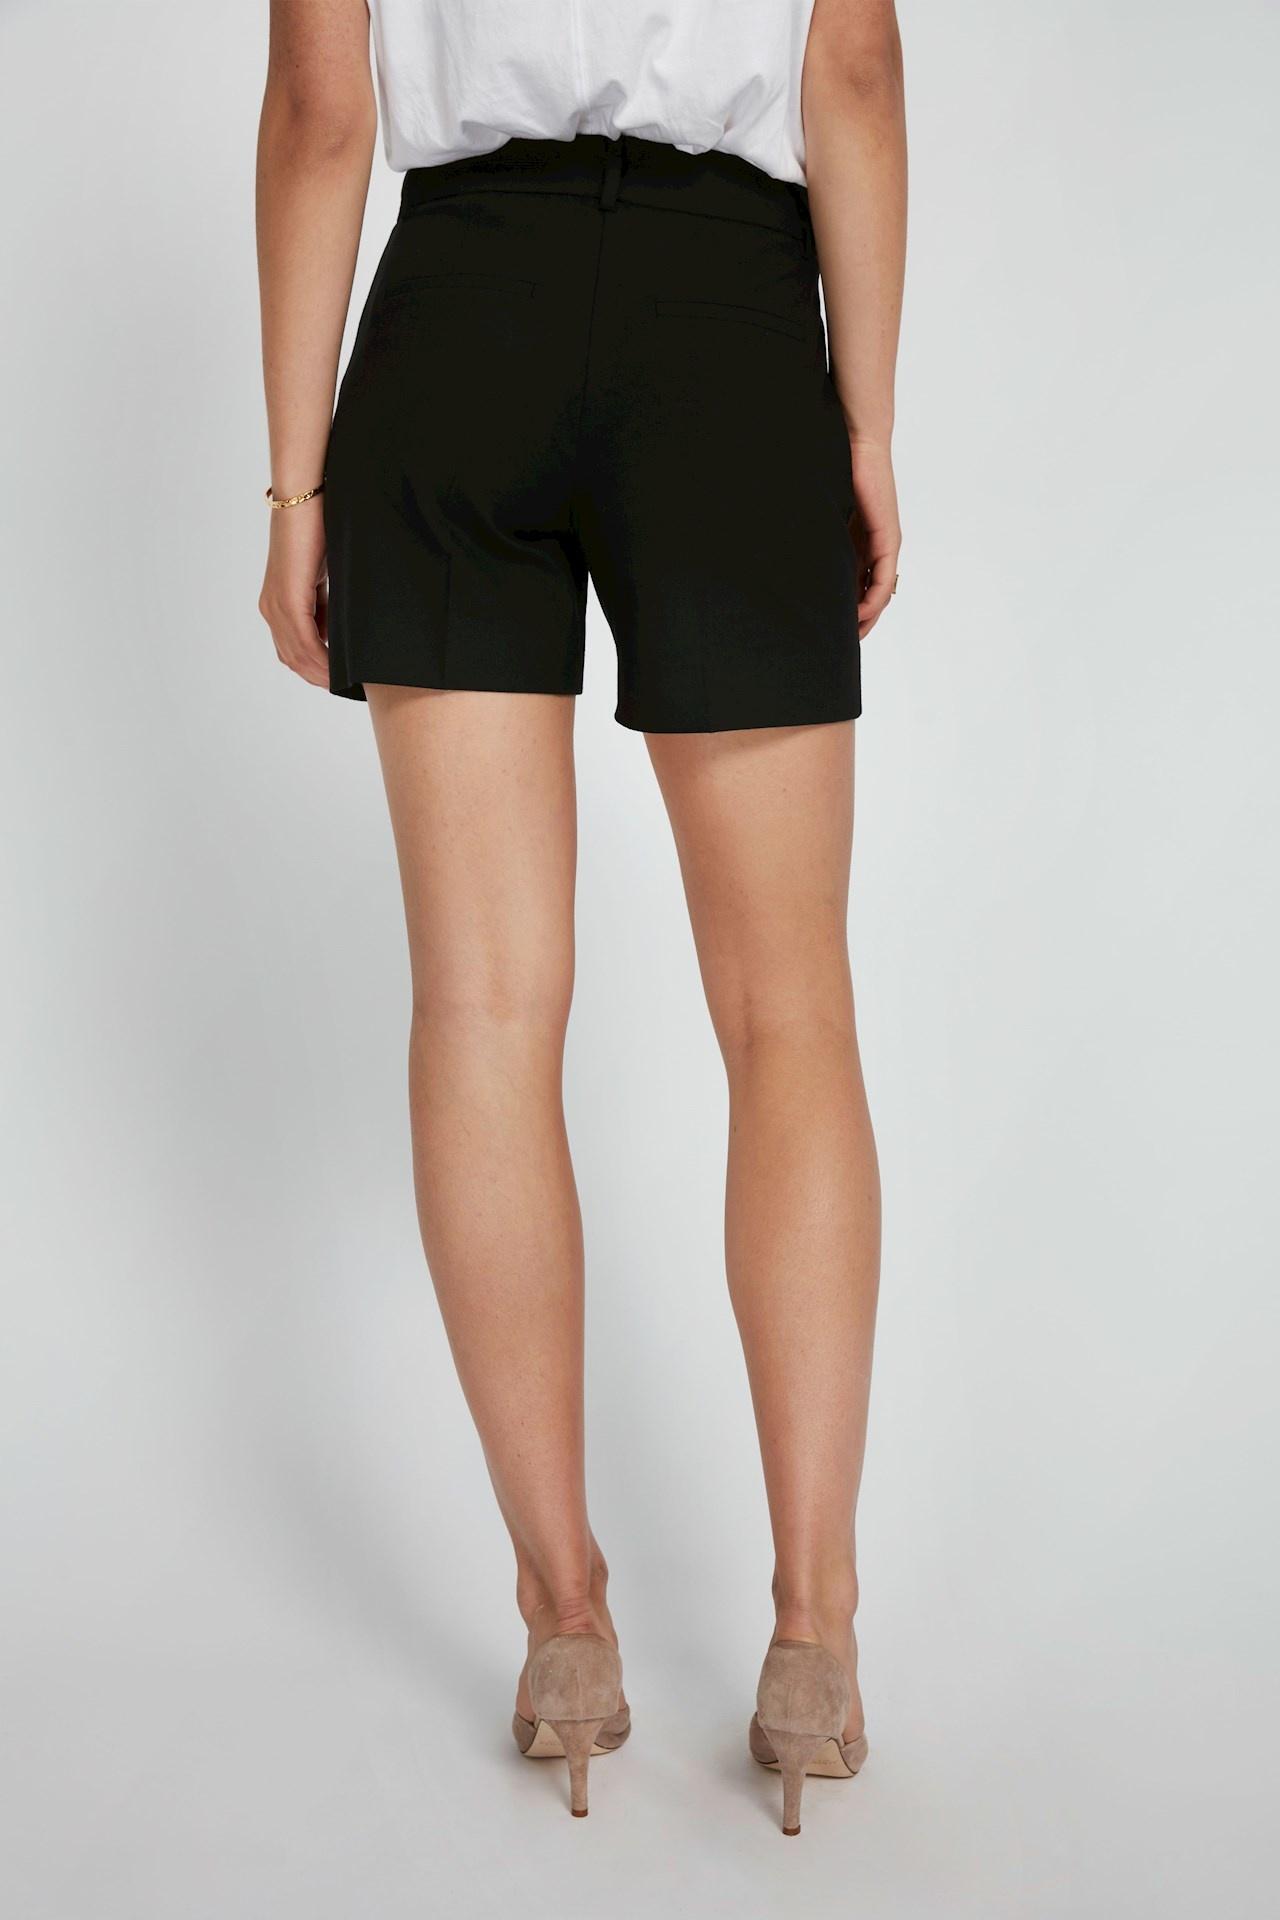 Dena Shorts 396 - Black-4